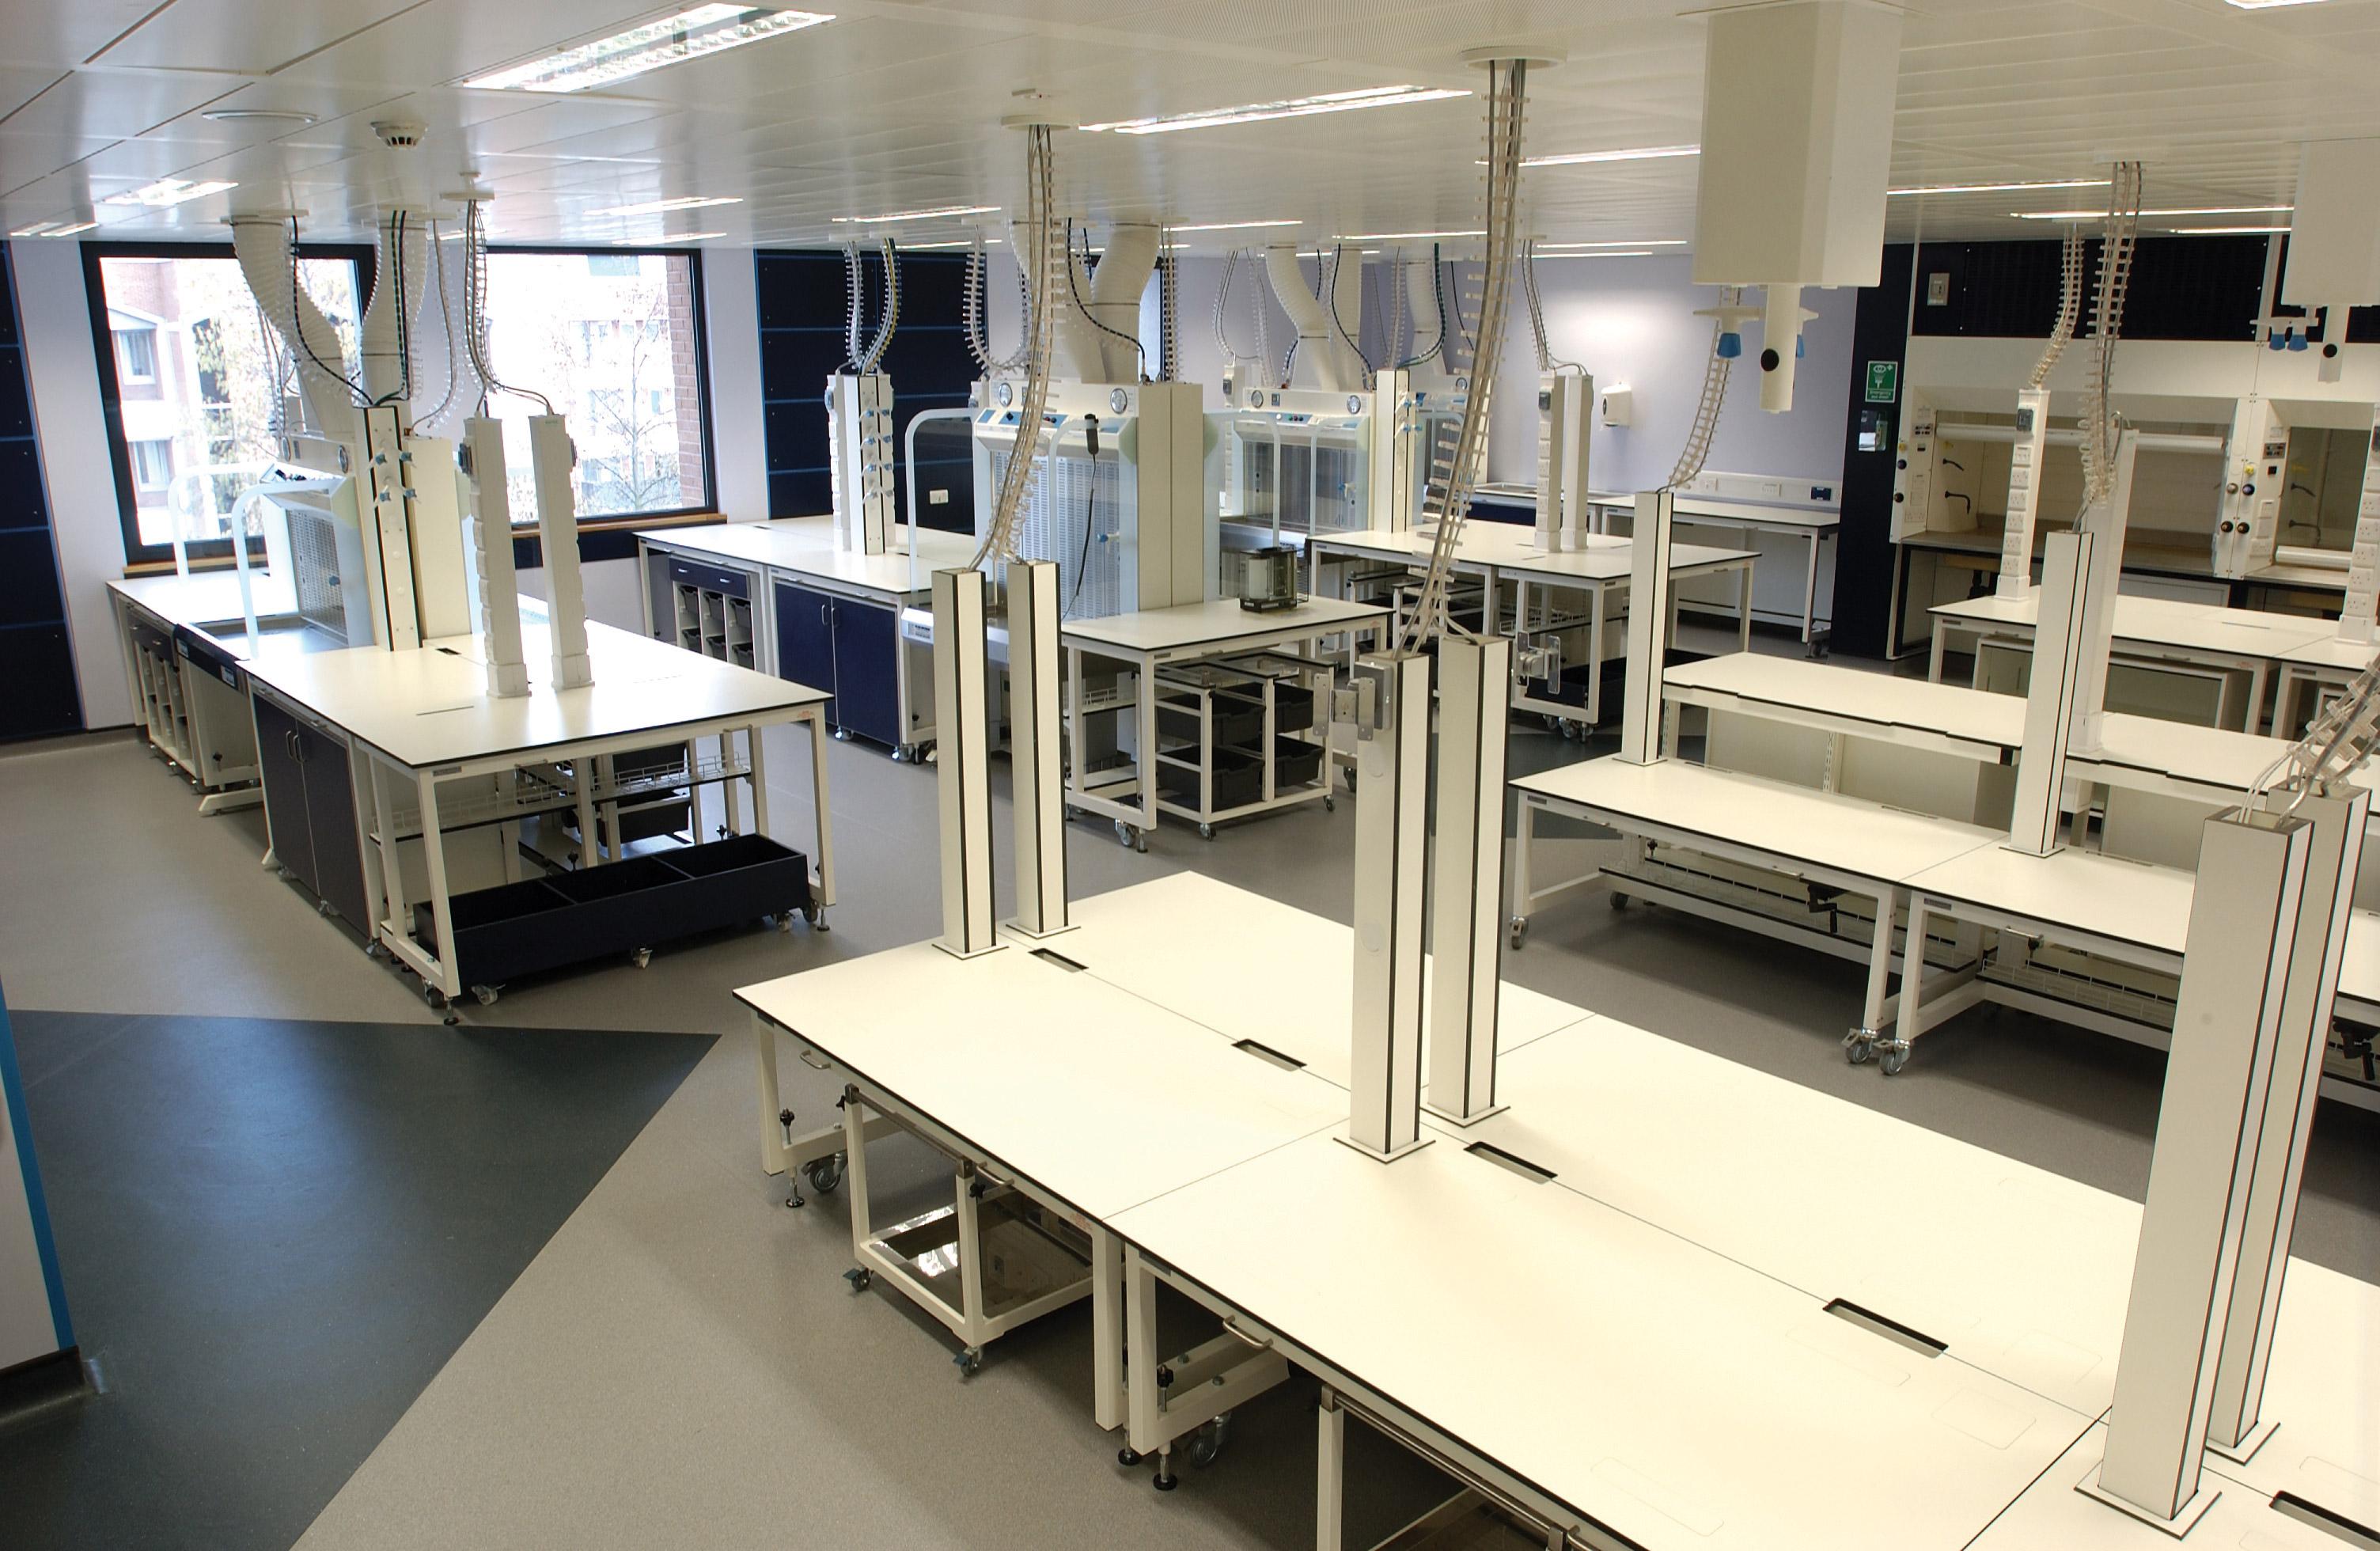 W.E. Marson flexi-lab laboratory furniture